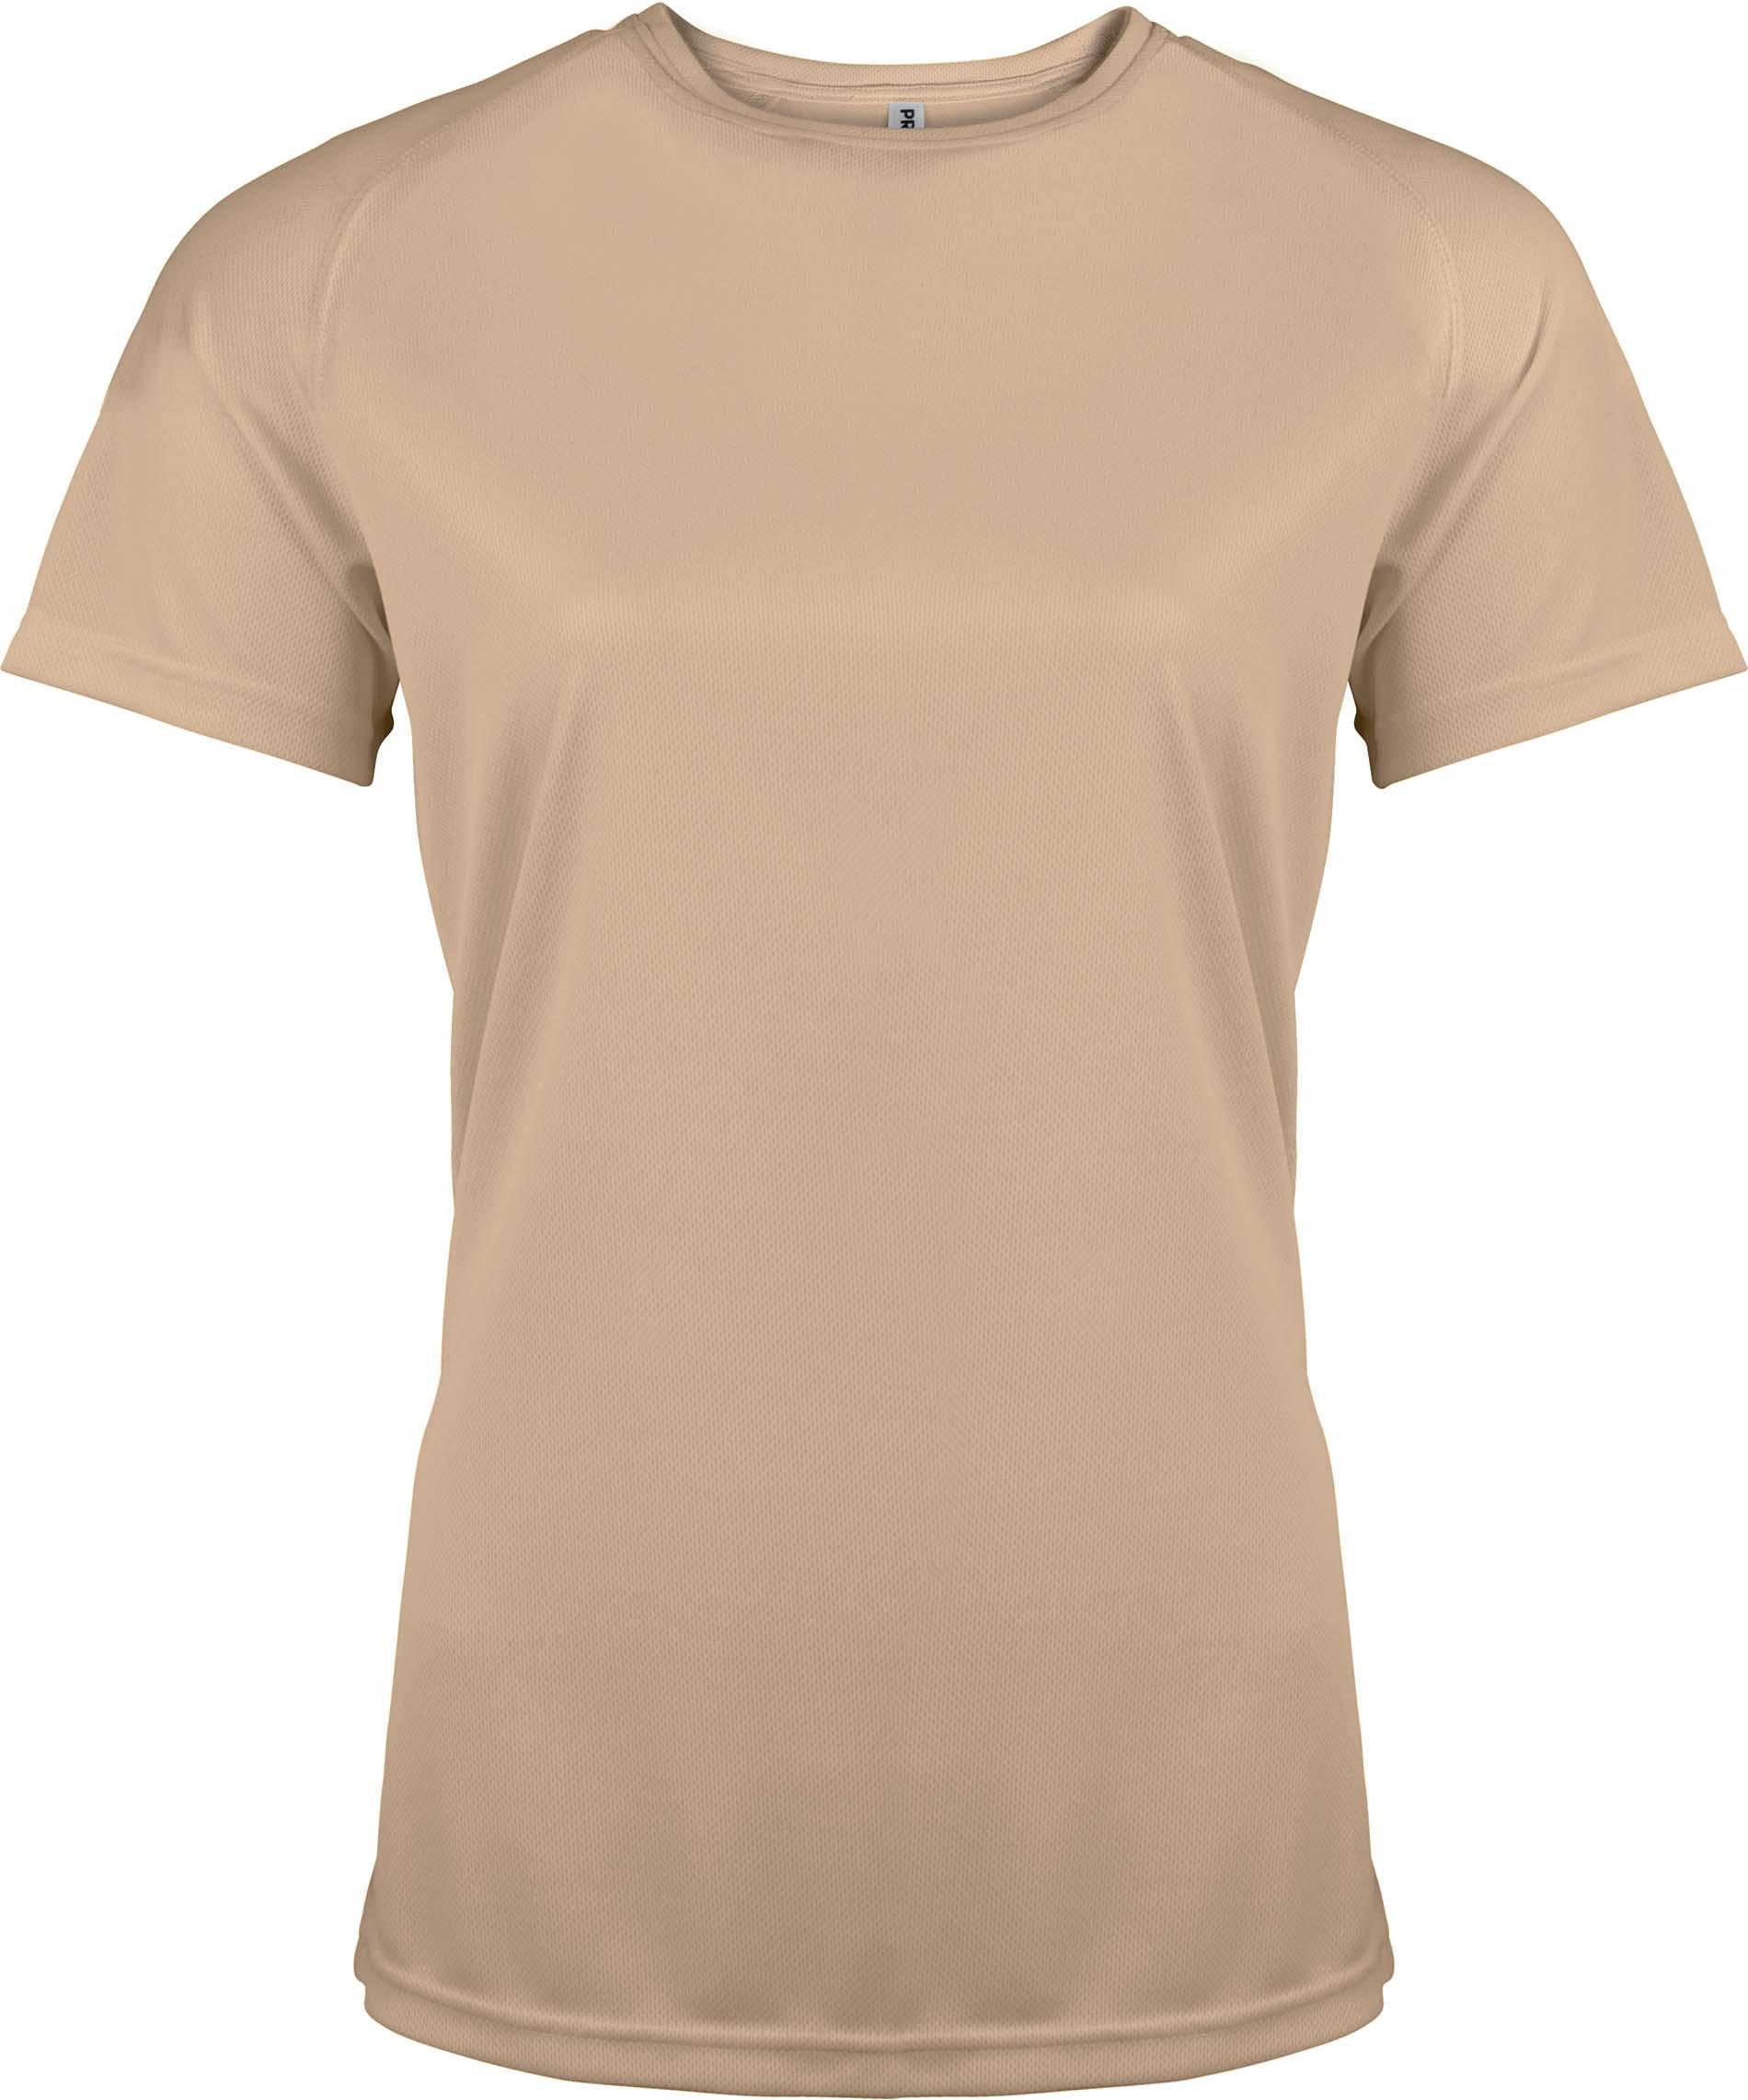 Naisten tekninen T-paita PA439 Sand